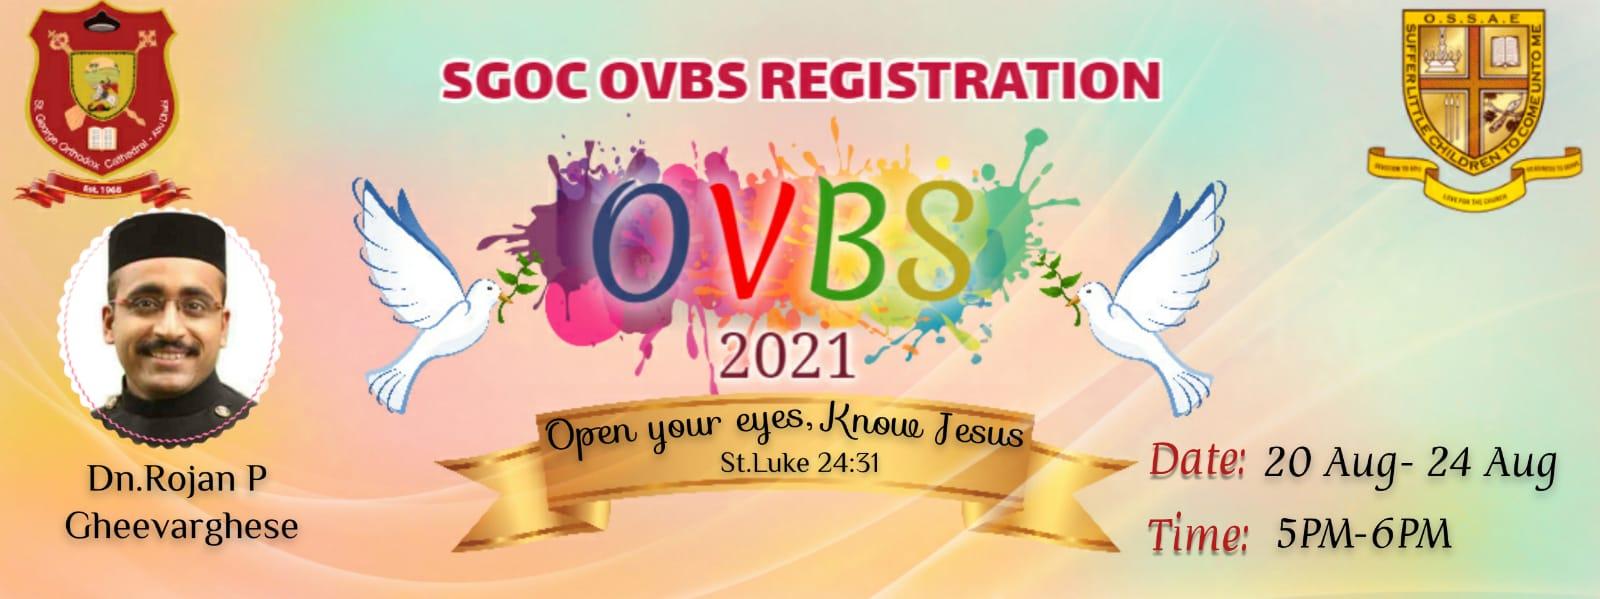 OVBS 2021